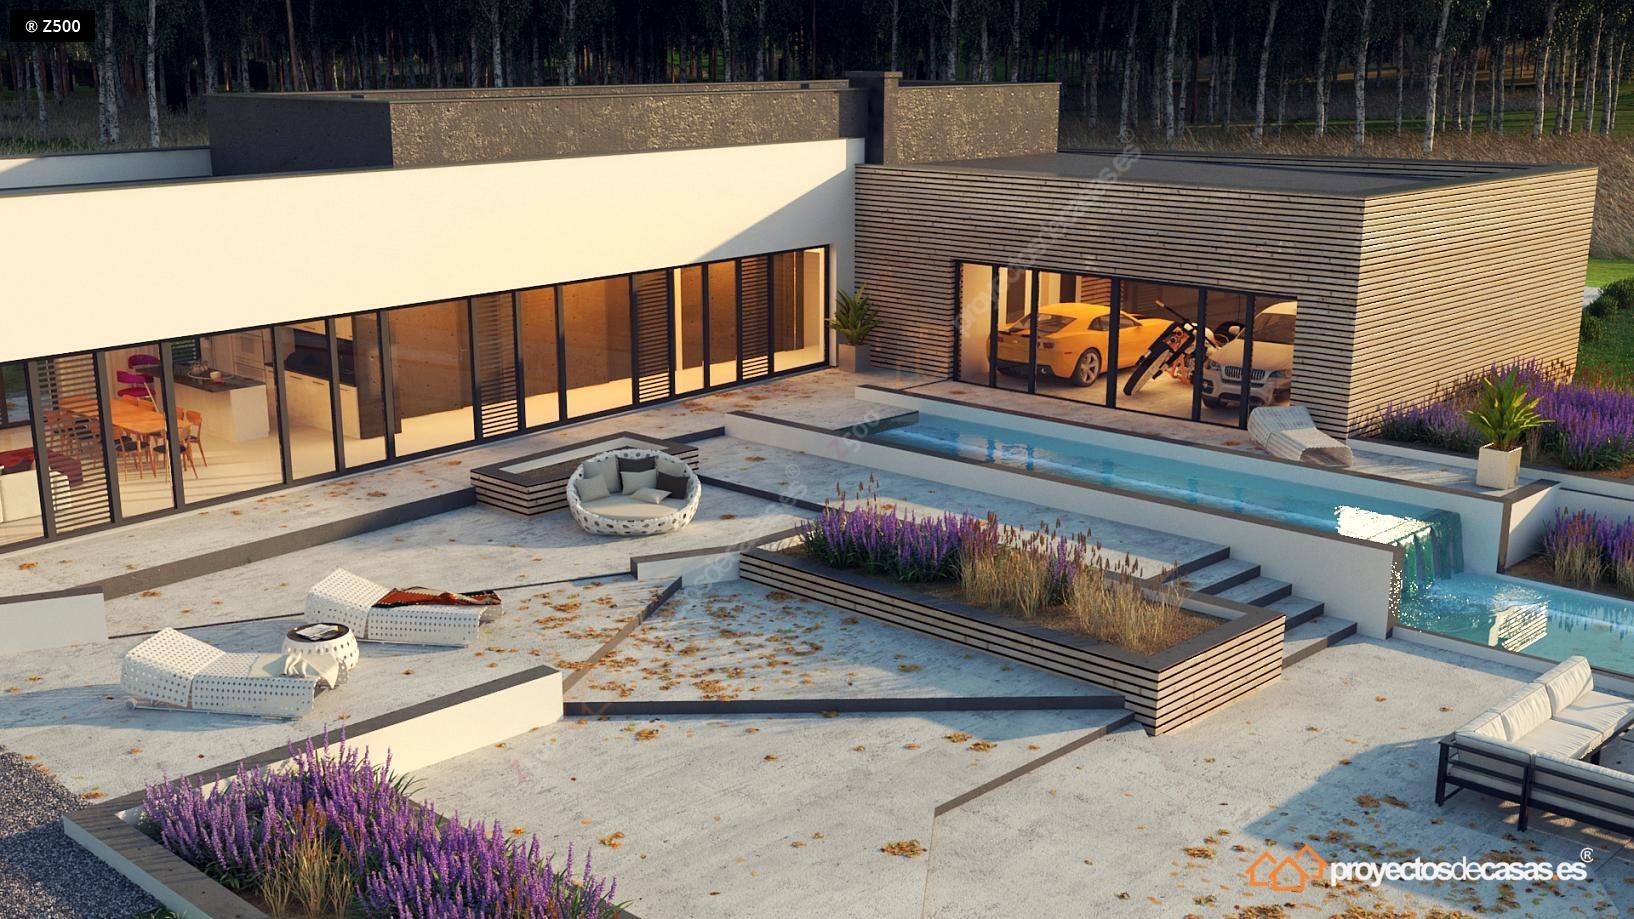 Casa moderna roca llisa con piscina y garaje a la vista for Casas con piscinas fotos